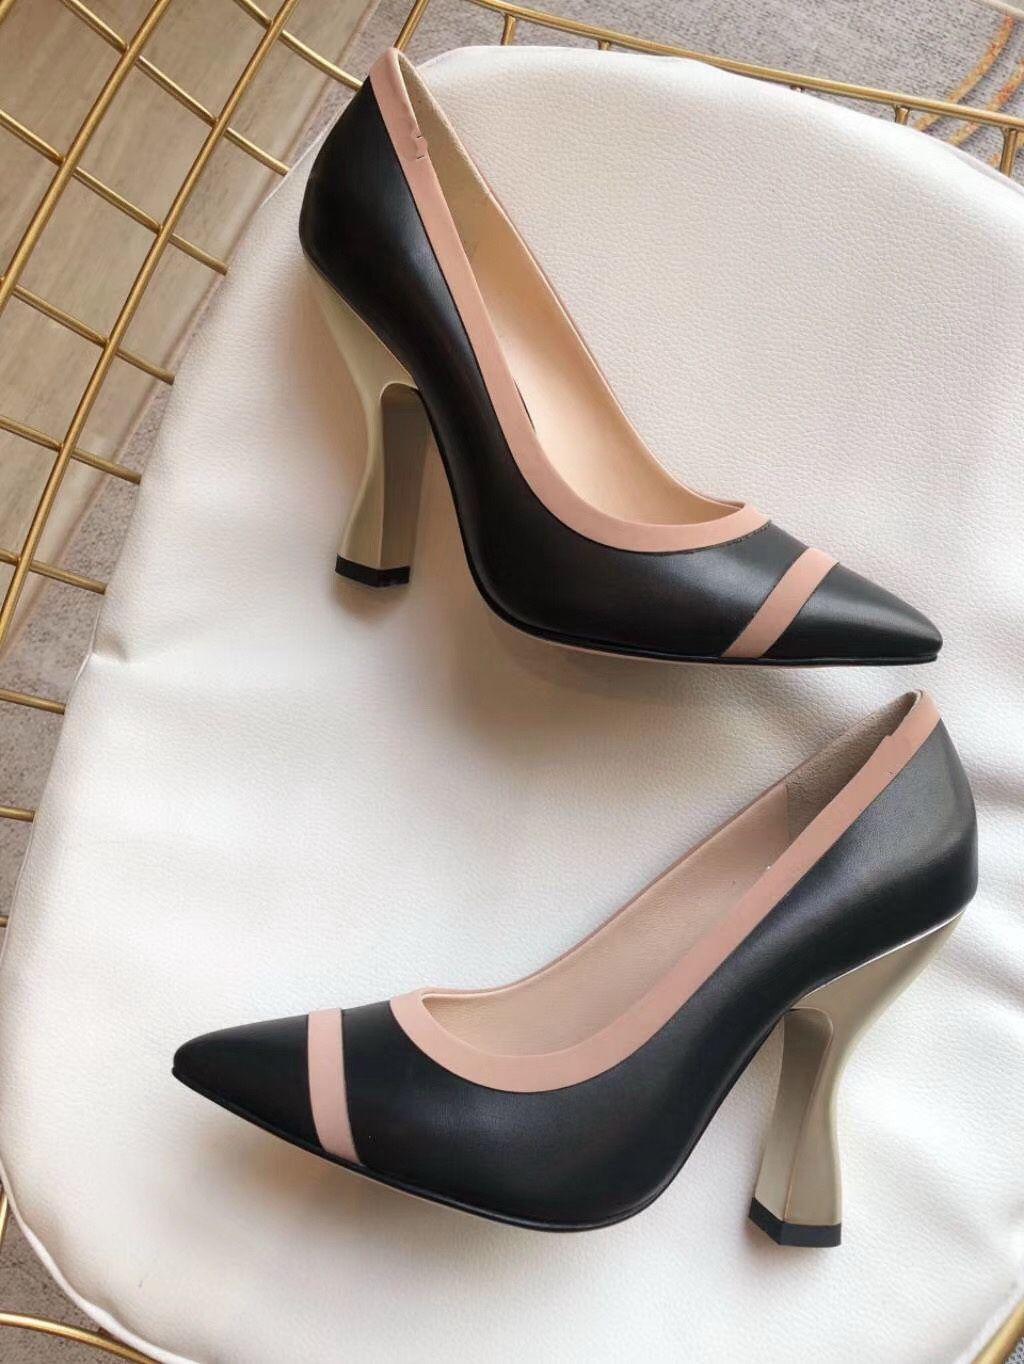 Nuova stagione della donna di modo caldo di vendita scarpe tacchi alti genuino progettista pelle con tacchi grosso scarpe da sposa vestito signora